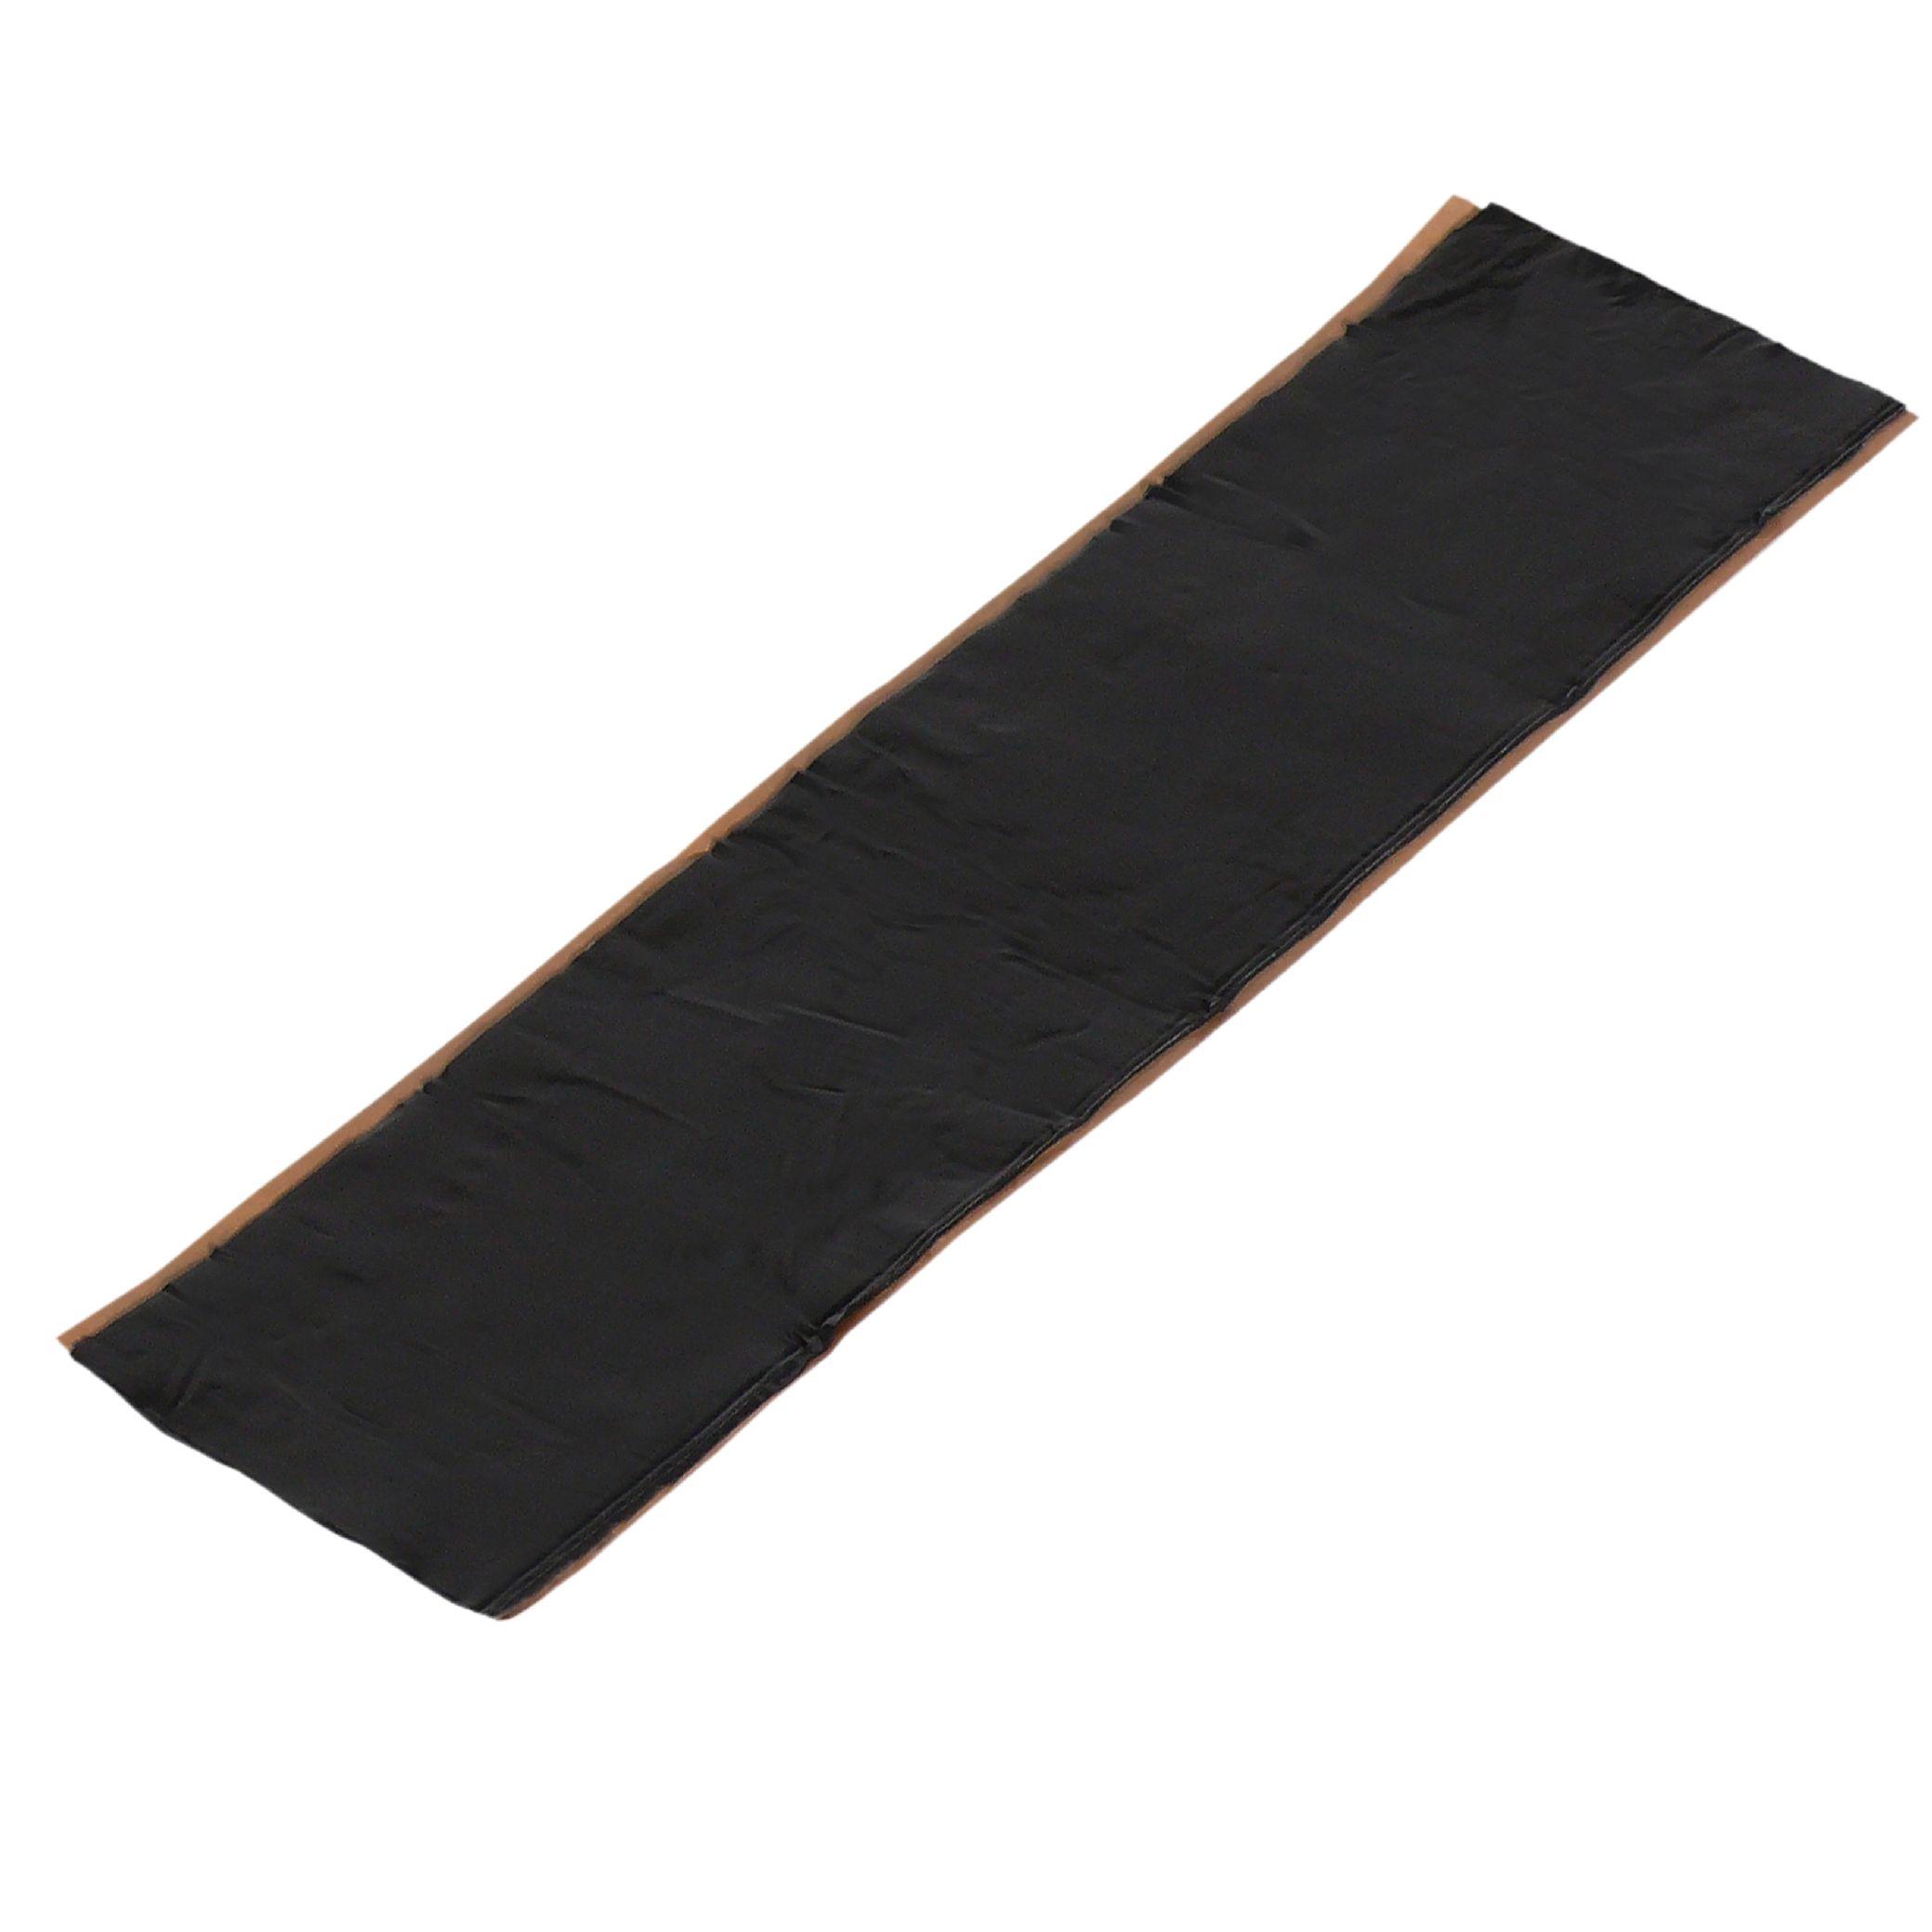 1 Stk SAT Dichtungsband 60x8cm, UV-beständig,-40 bis +80°C,schwarz HSATMZZ01S